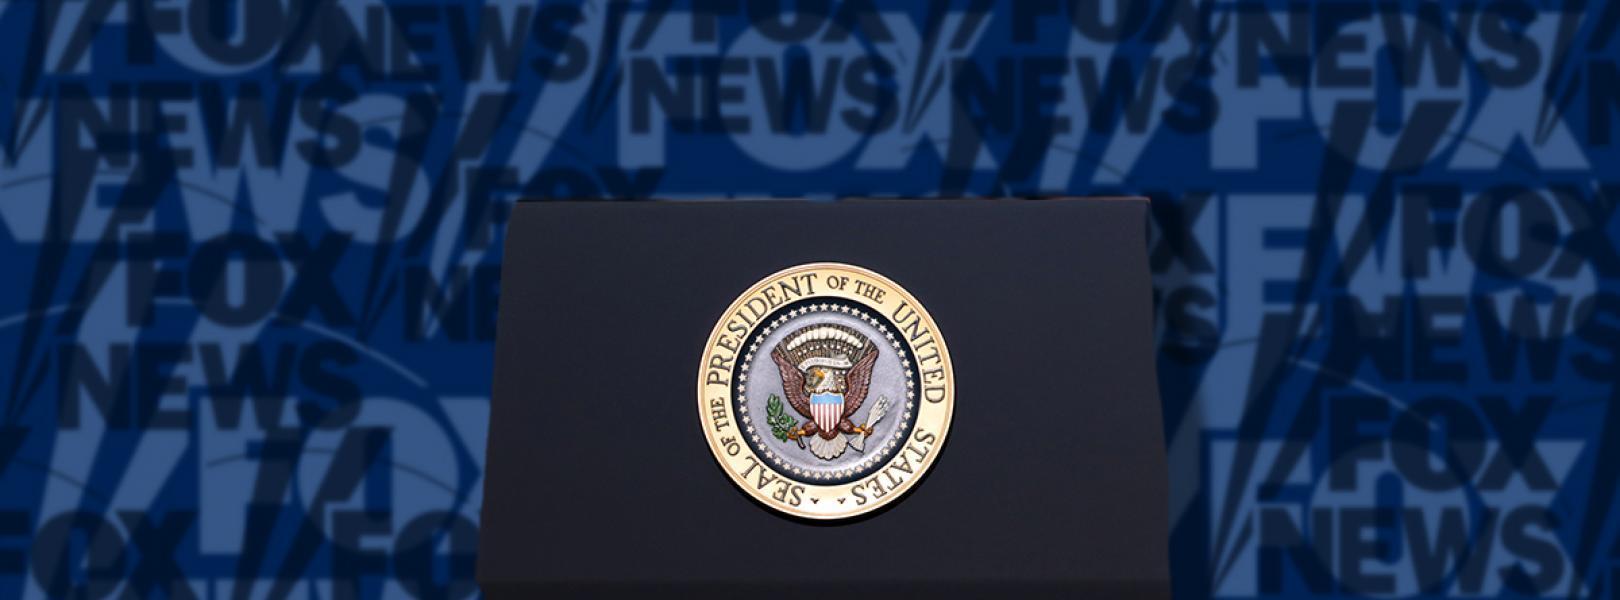 Fox News and White House Podium